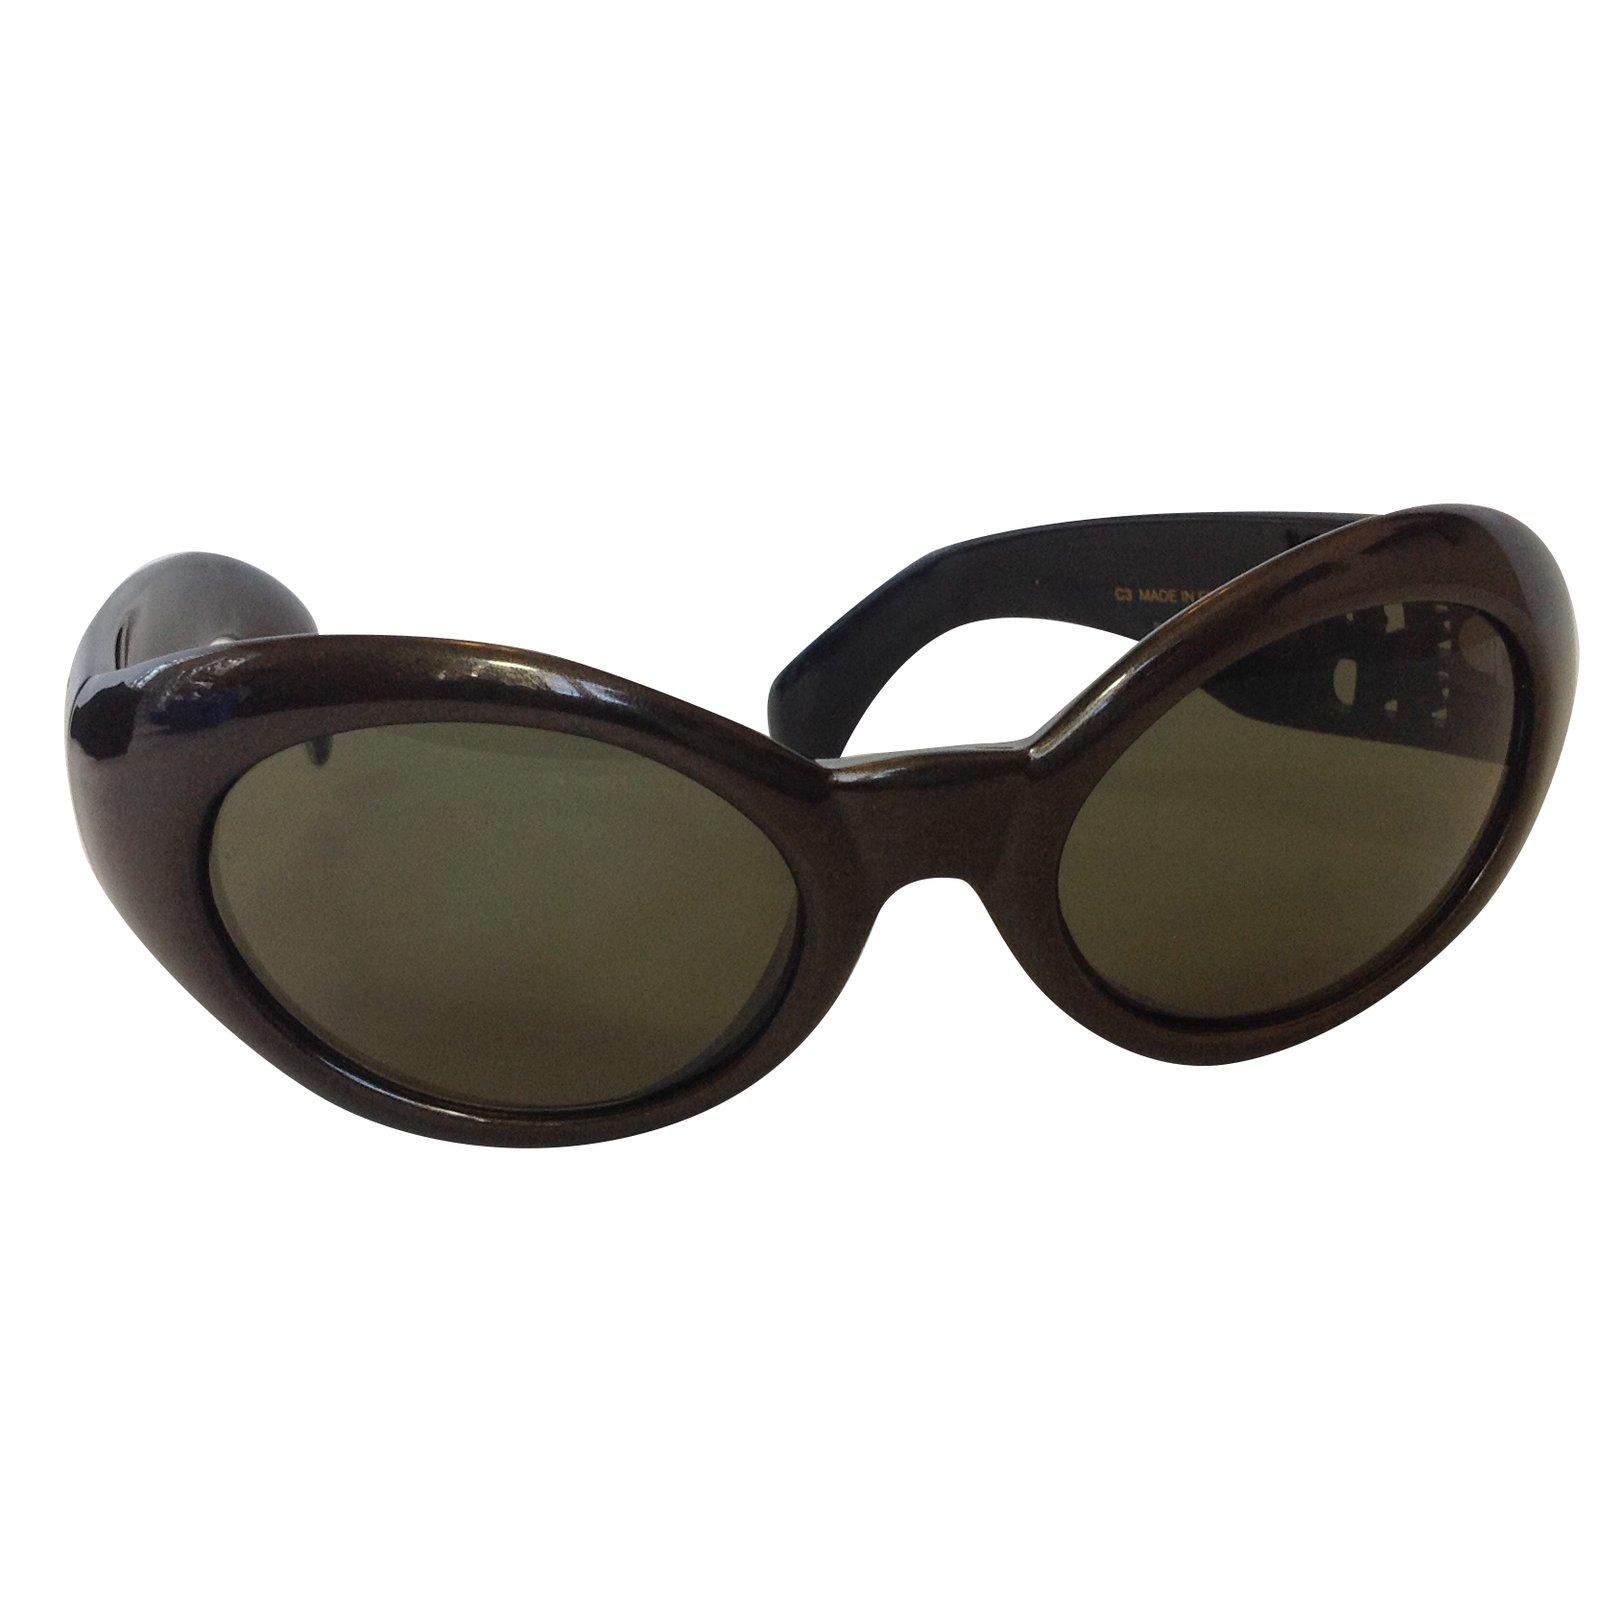 1cae9f662ddabe Lunettes Karl Lagerfeld Lunettes de soleil Plastique Marron,Noir,Métallisé  ref.68276